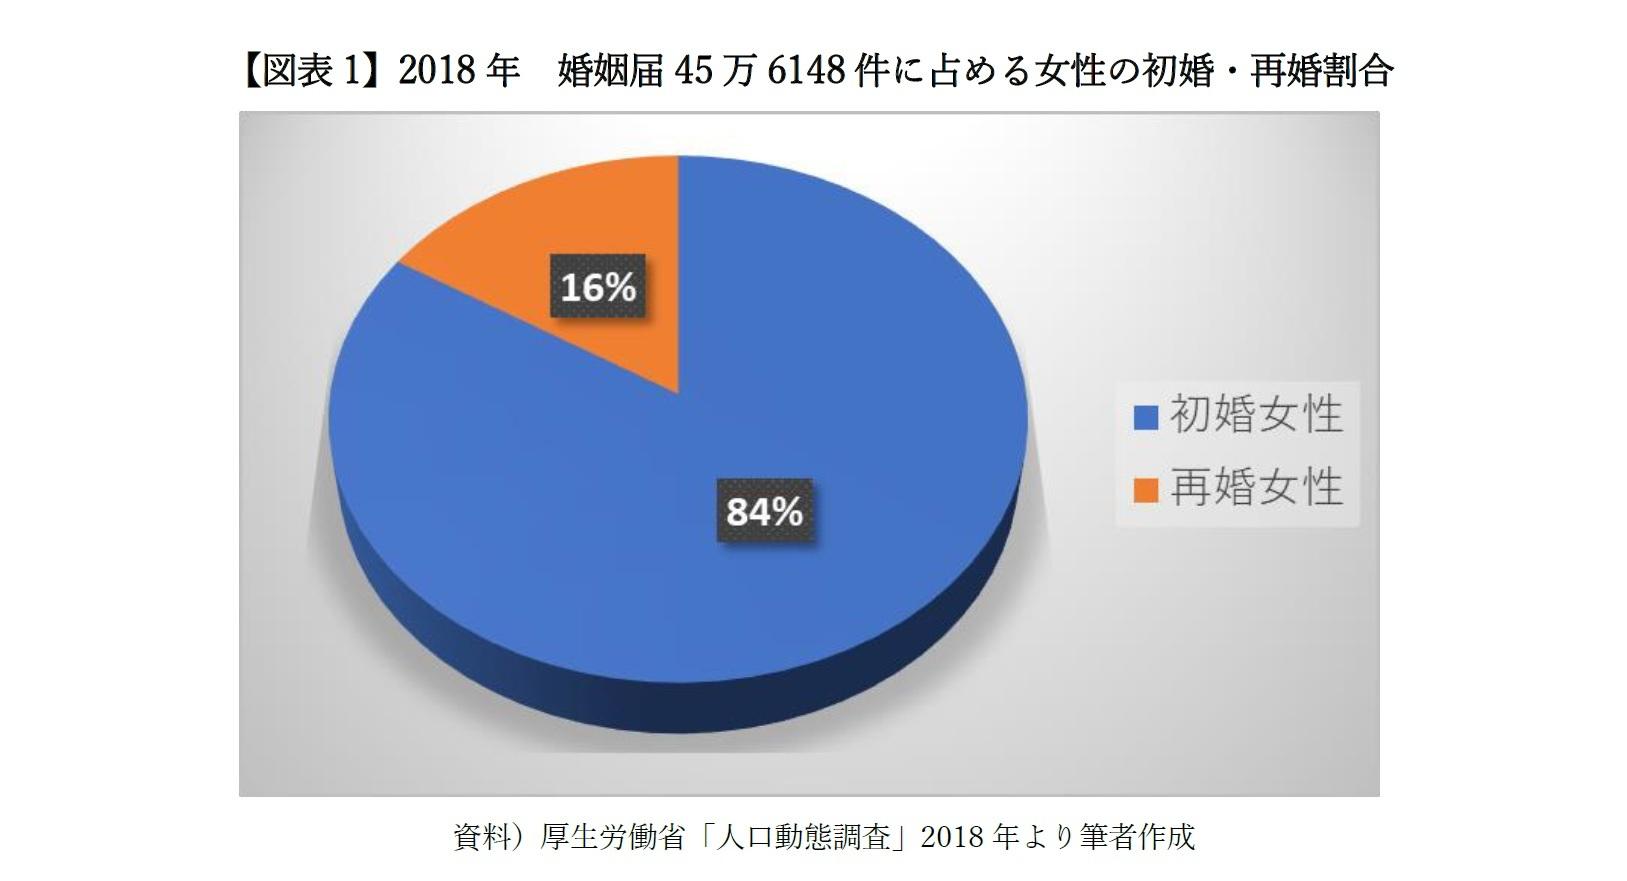 【図表1】2018年 婚姻届45万6148件に占める女性の初婚・再婚割合